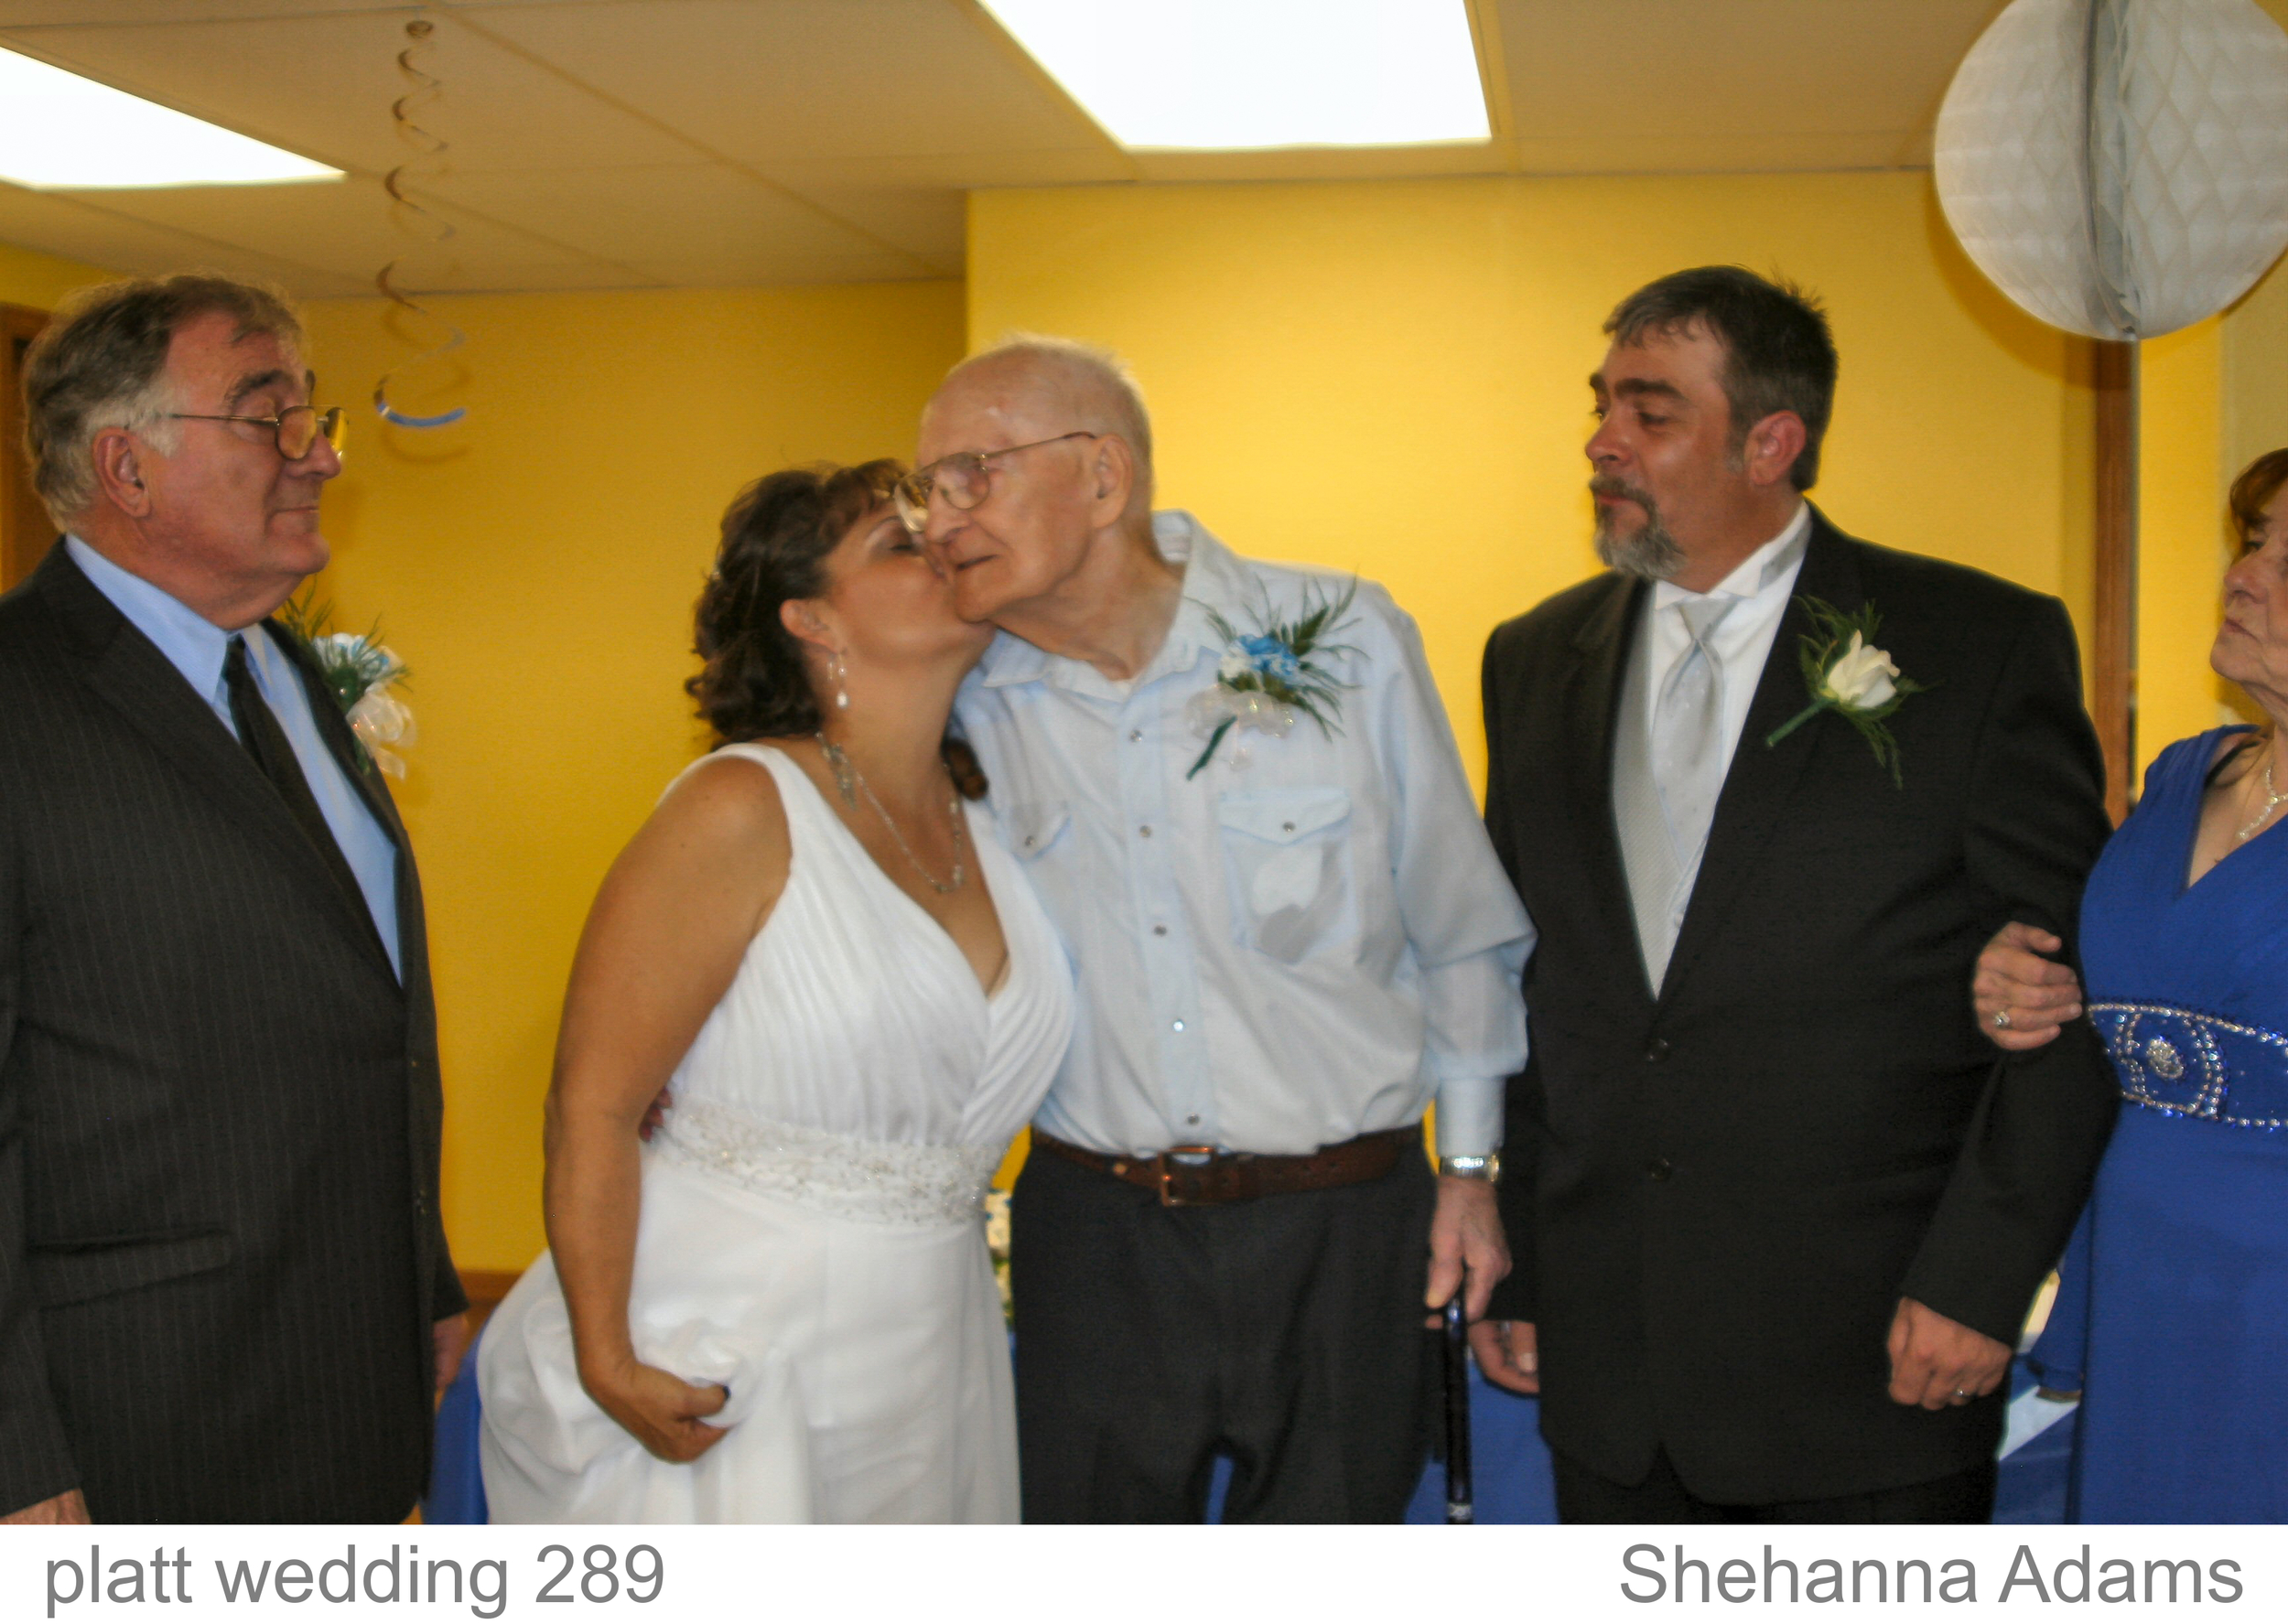 platt wedding 289.jpg